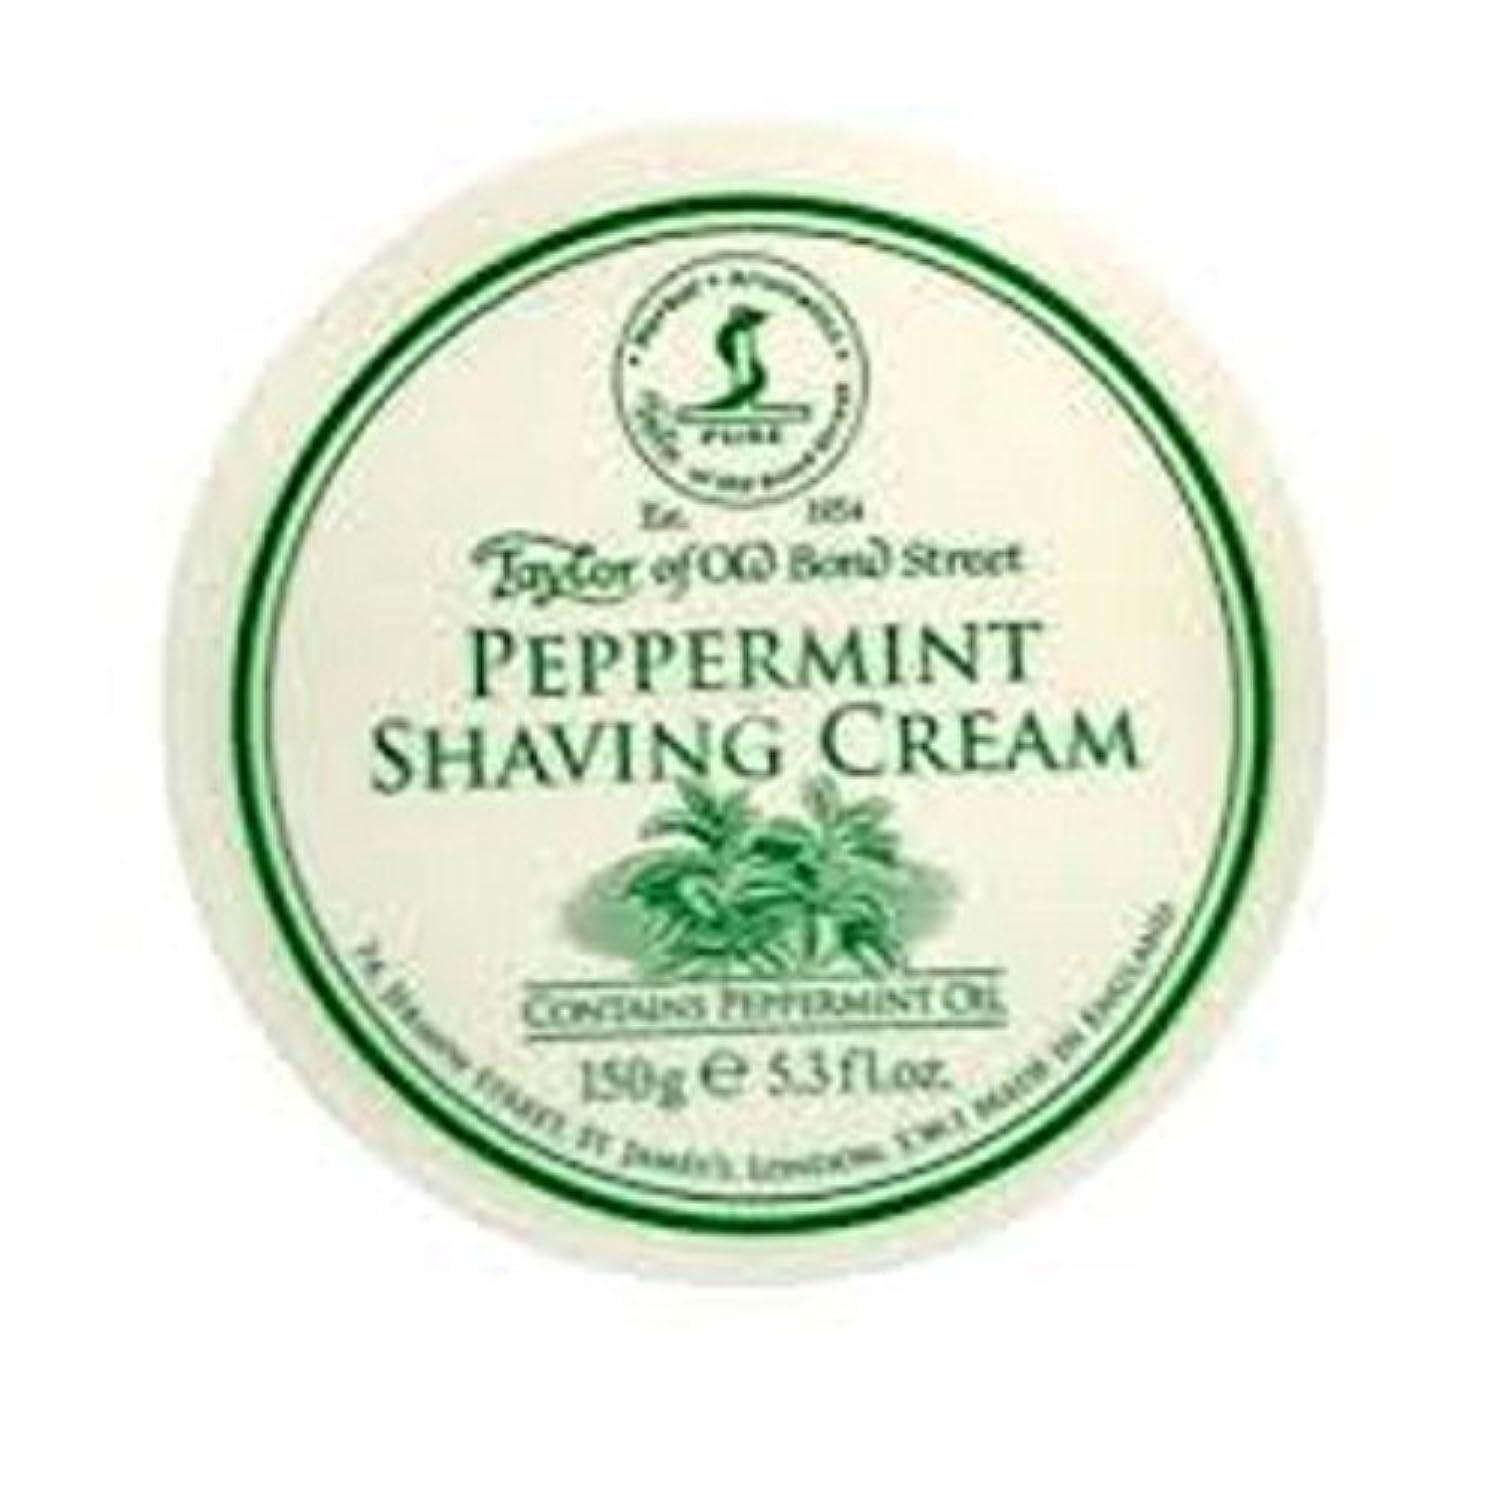 時計ペニー章Taylors of Old Bond Street 150g Traditional Shaving Cream Tub (Peppermint) by Taylor of Old Bond Street